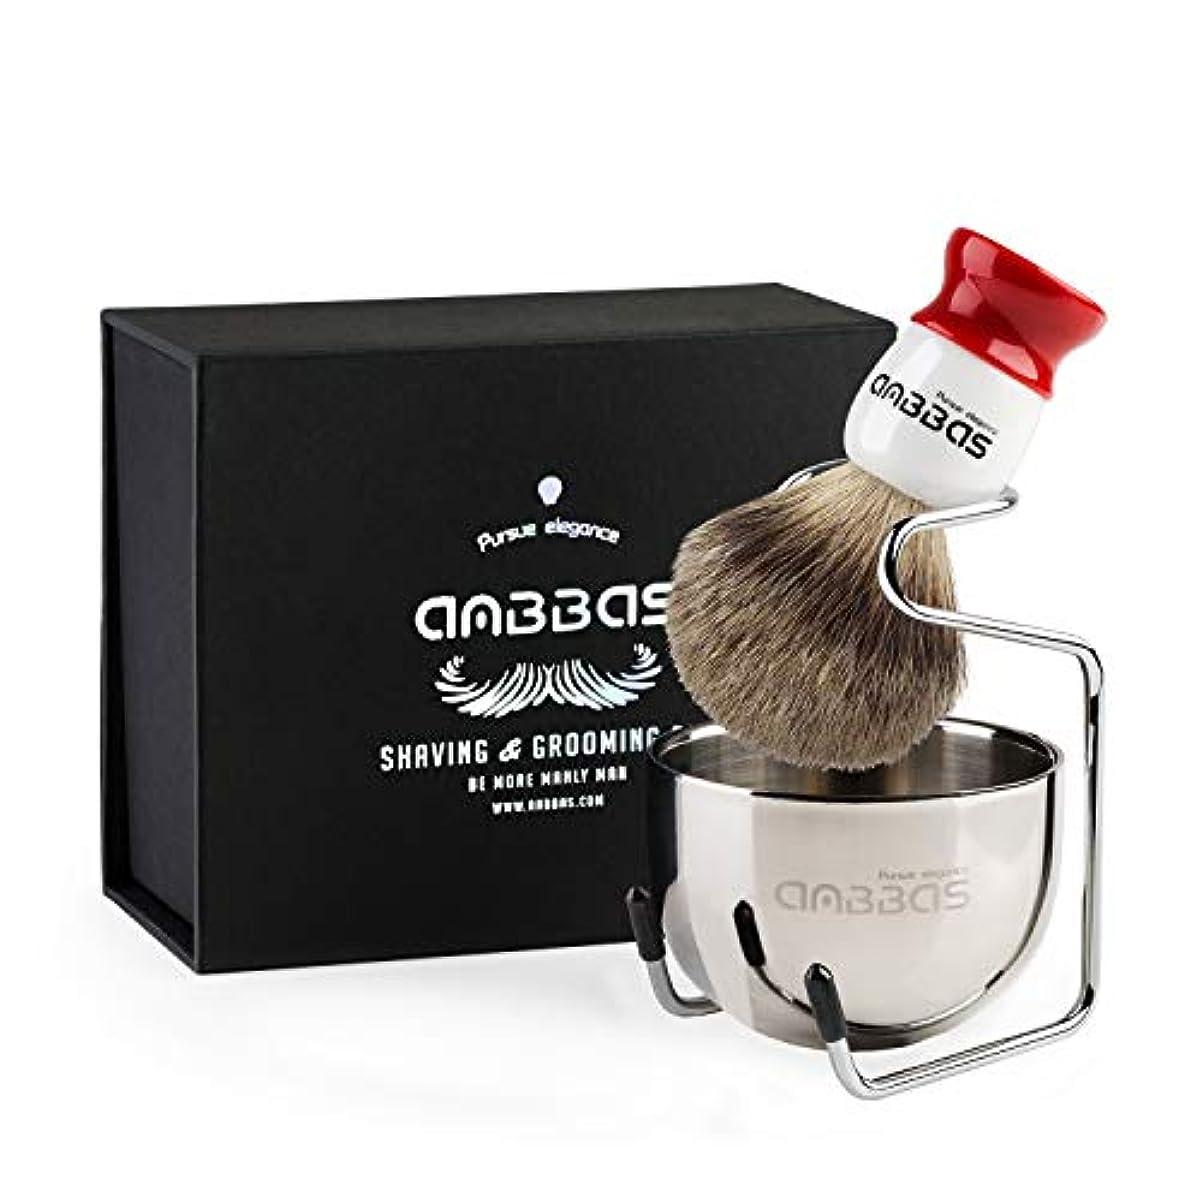 危険を冒します針取り扱いひげブラシ Anbbasシェービングブラシ 純粋なバッガーヘア 髭剃り 泡立ち 洗顔ブラシ メンズ (3点セット)